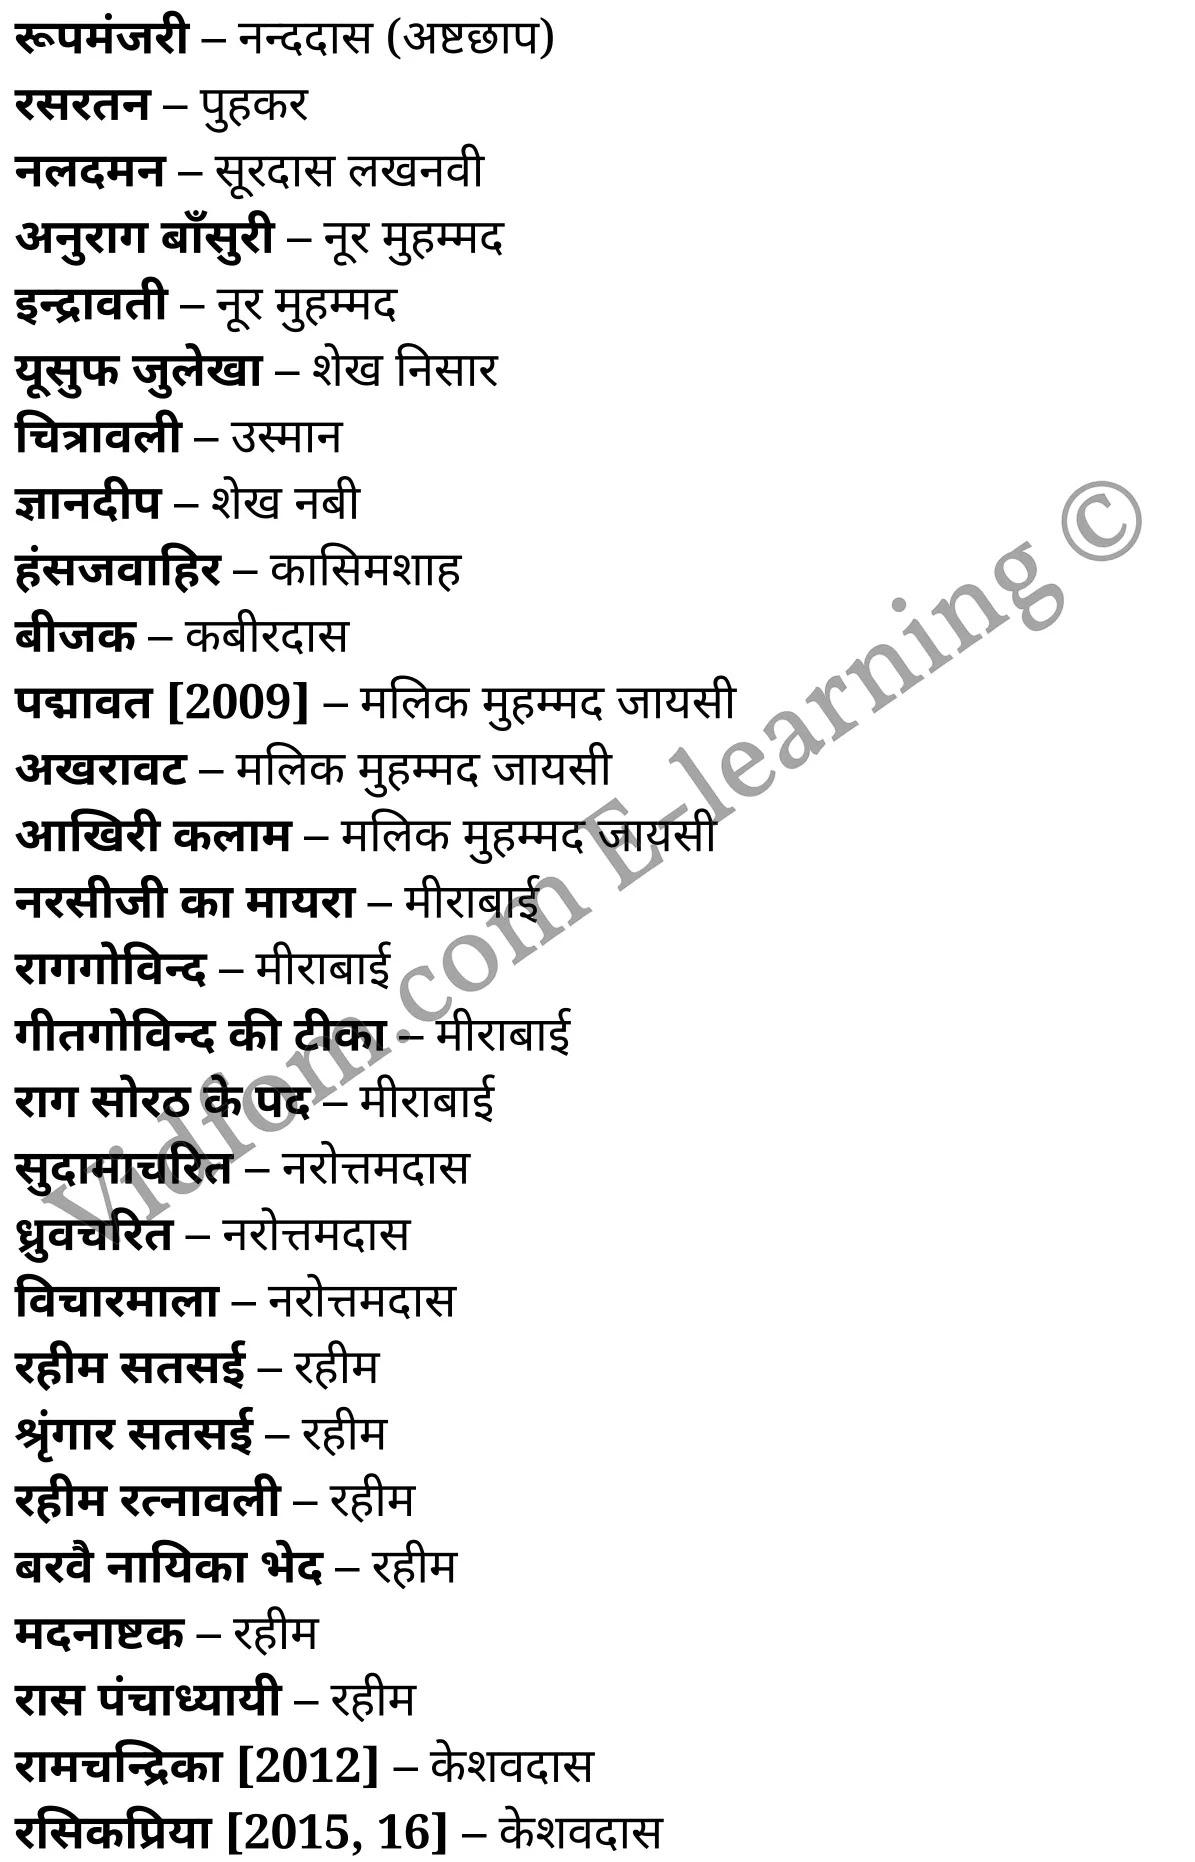 कक्षा 10 हिंदी  के नोट्स  हिंदी में एनसीईआरटी समाधान,    कक्षा 10 प्रमुख काव्य-ग्रन्थ और उनके रचयिता,  कक्षा 10 प्रमुख काव्य-ग्रन्थ और उनके रचयिता  के नोट्स हिंदी में,  कक्षा 10 प्रमुख काव्य-ग्रन्थ और उनके रचयिता प्रश्न उत्तर,  कक्षा 10 प्रमुख काव्य-ग्रन्थ और उनके रचयिता के नोट्स,  10 कक्षा प्रमुख काव्य-ग्रन्थ और उनके रचयिता  हिंदी में, कक्षा 10 प्रमुख काव्य-ग्रन्थ और उनके रचयिता  हिंदी में,  कक्षा 10 प्रमुख काव्य-ग्रन्थ और उनके रचयिता  महत्वपूर्ण प्रश्न हिंदी में, कक्षा 10 हिंदी के नोट्स  हिंदी में, प्रमुख काव्य-ग्रन्थ और उनके रचयिता हिंदी में कक्षा 10 नोट्स pdf,    प्रमुख काव्य-ग्रन्थ और उनके रचयिता हिंदी में  कक्षा 10 नोट्स 2021 ncert,   प्रमुख काव्य-ग्रन्थ और उनके रचयिता हिंदी  कक्षा 10 pdf,   प्रमुख काव्य-ग्रन्थ और उनके रचयिता हिंदी में  पुस्तक,   प्रमुख काव्य-ग्रन्थ और उनके रचयिता हिंदी में की बुक,   प्रमुख काव्य-ग्रन्थ और उनके रचयिता हिंदी में  प्रश्नोत्तरी class 10 ,  10   वीं प्रमुख काव्य-ग्रन्थ और उनके रचयिता  पुस्तक up board,   बिहार बोर्ड 10  पुस्तक वीं प्रमुख काव्य-ग्रन्थ और उनके रचयिता नोट्स,    प्रमुख काव्य-ग्रन्थ और उनके रचयिता  कक्षा 10 नोट्स 2021 ncert,   प्रमुख काव्य-ग्रन्थ और उनके रचयिता  कक्षा 10 pdf,   प्रमुख काव्य-ग्रन्थ और उनके रचयिता  पुस्तक,   प्रमुख काव्य-ग्रन्थ और उनके रचयिता की बुक,   प्रमुख काव्य-ग्रन्थ और उनके रचयिता प्रश्नोत्तरी class 10,   10  th class 10 Hindi khand kaavya Chapter 9  book up board,   up board 10  th class 10 Hindi khand kaavya Chapter 9 notes,  class 10 Hindi,   class 10 Hindi ncert solutions in Hindi,   class 10 Hindi notes in hindi,   class 10 Hindi question answer,   class 10 Hindi notes,  class 10 Hindi class 10 Hindi khand kaavya Chapter 9 in  hindi,    class 10 Hindi important questions in  hindi,   class 10 Hindi notes in hindi,    class 10 Hindi test,  class 10 Hindi class 10 Hindi khand kaavya Chapter 9 pdf,   class 10 Hindi notes pdf,   class 10 Hindi exercise solutions,   class 10 Hindi,  class 10 Hindi notes study rankers,   class 10 Hindi notes,  class 10 Hindi notes,   class 10 Hindi  class 10  notes p